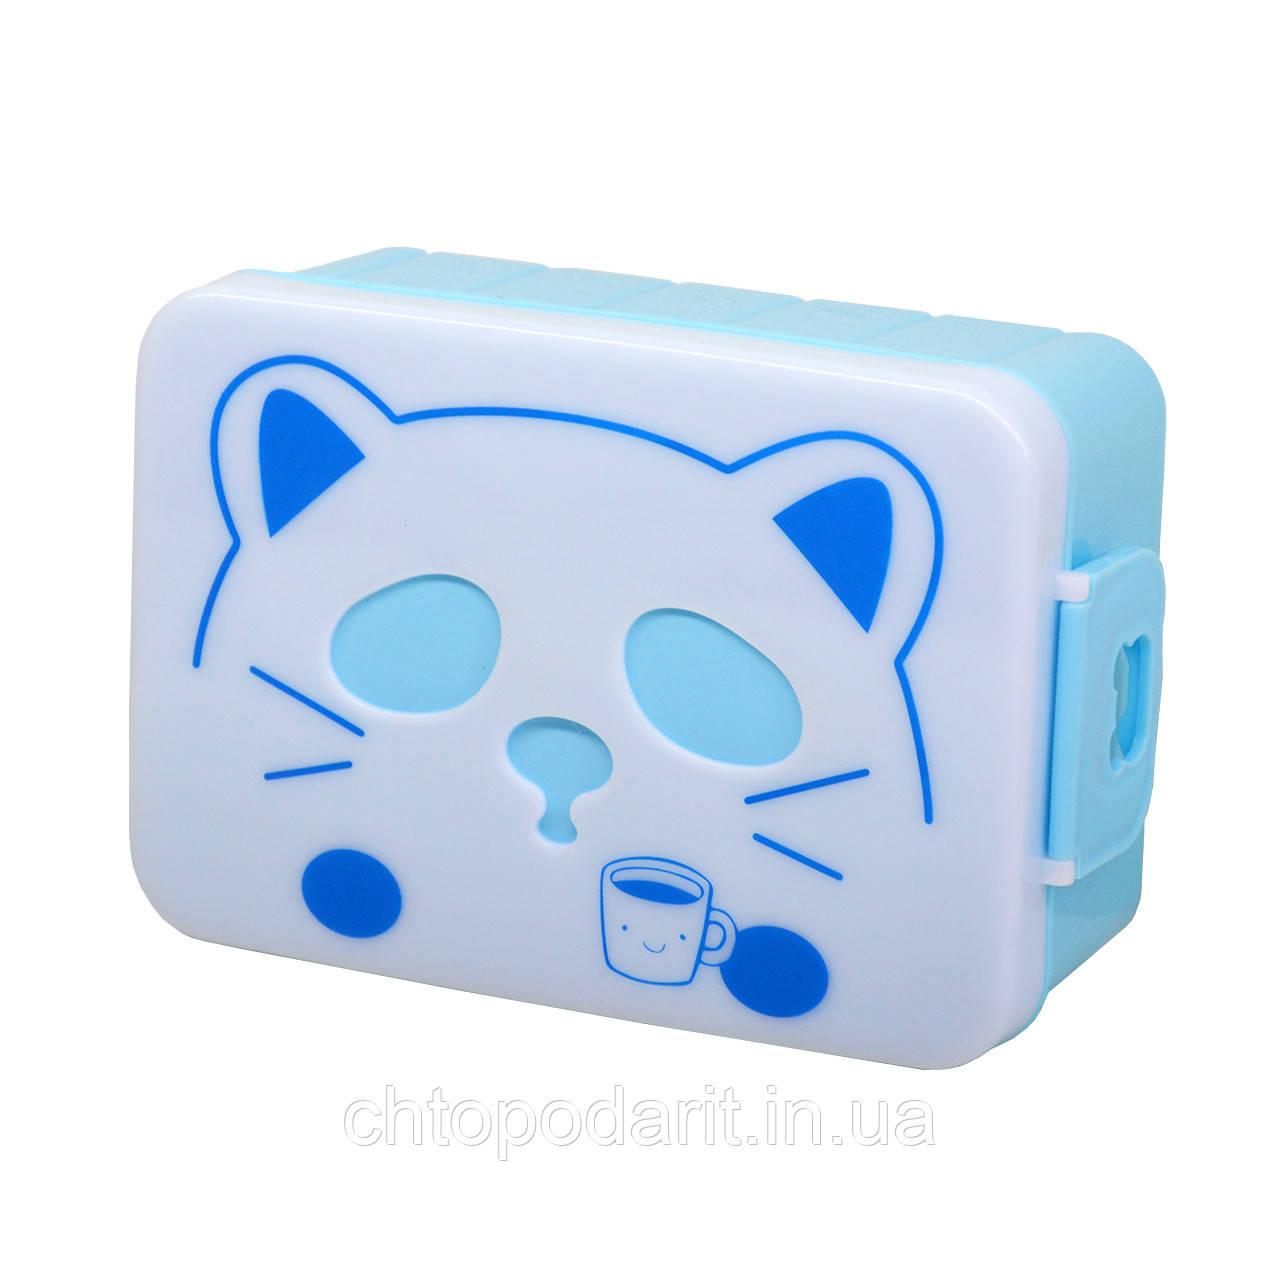 Контейнер для еды кот (голубой)